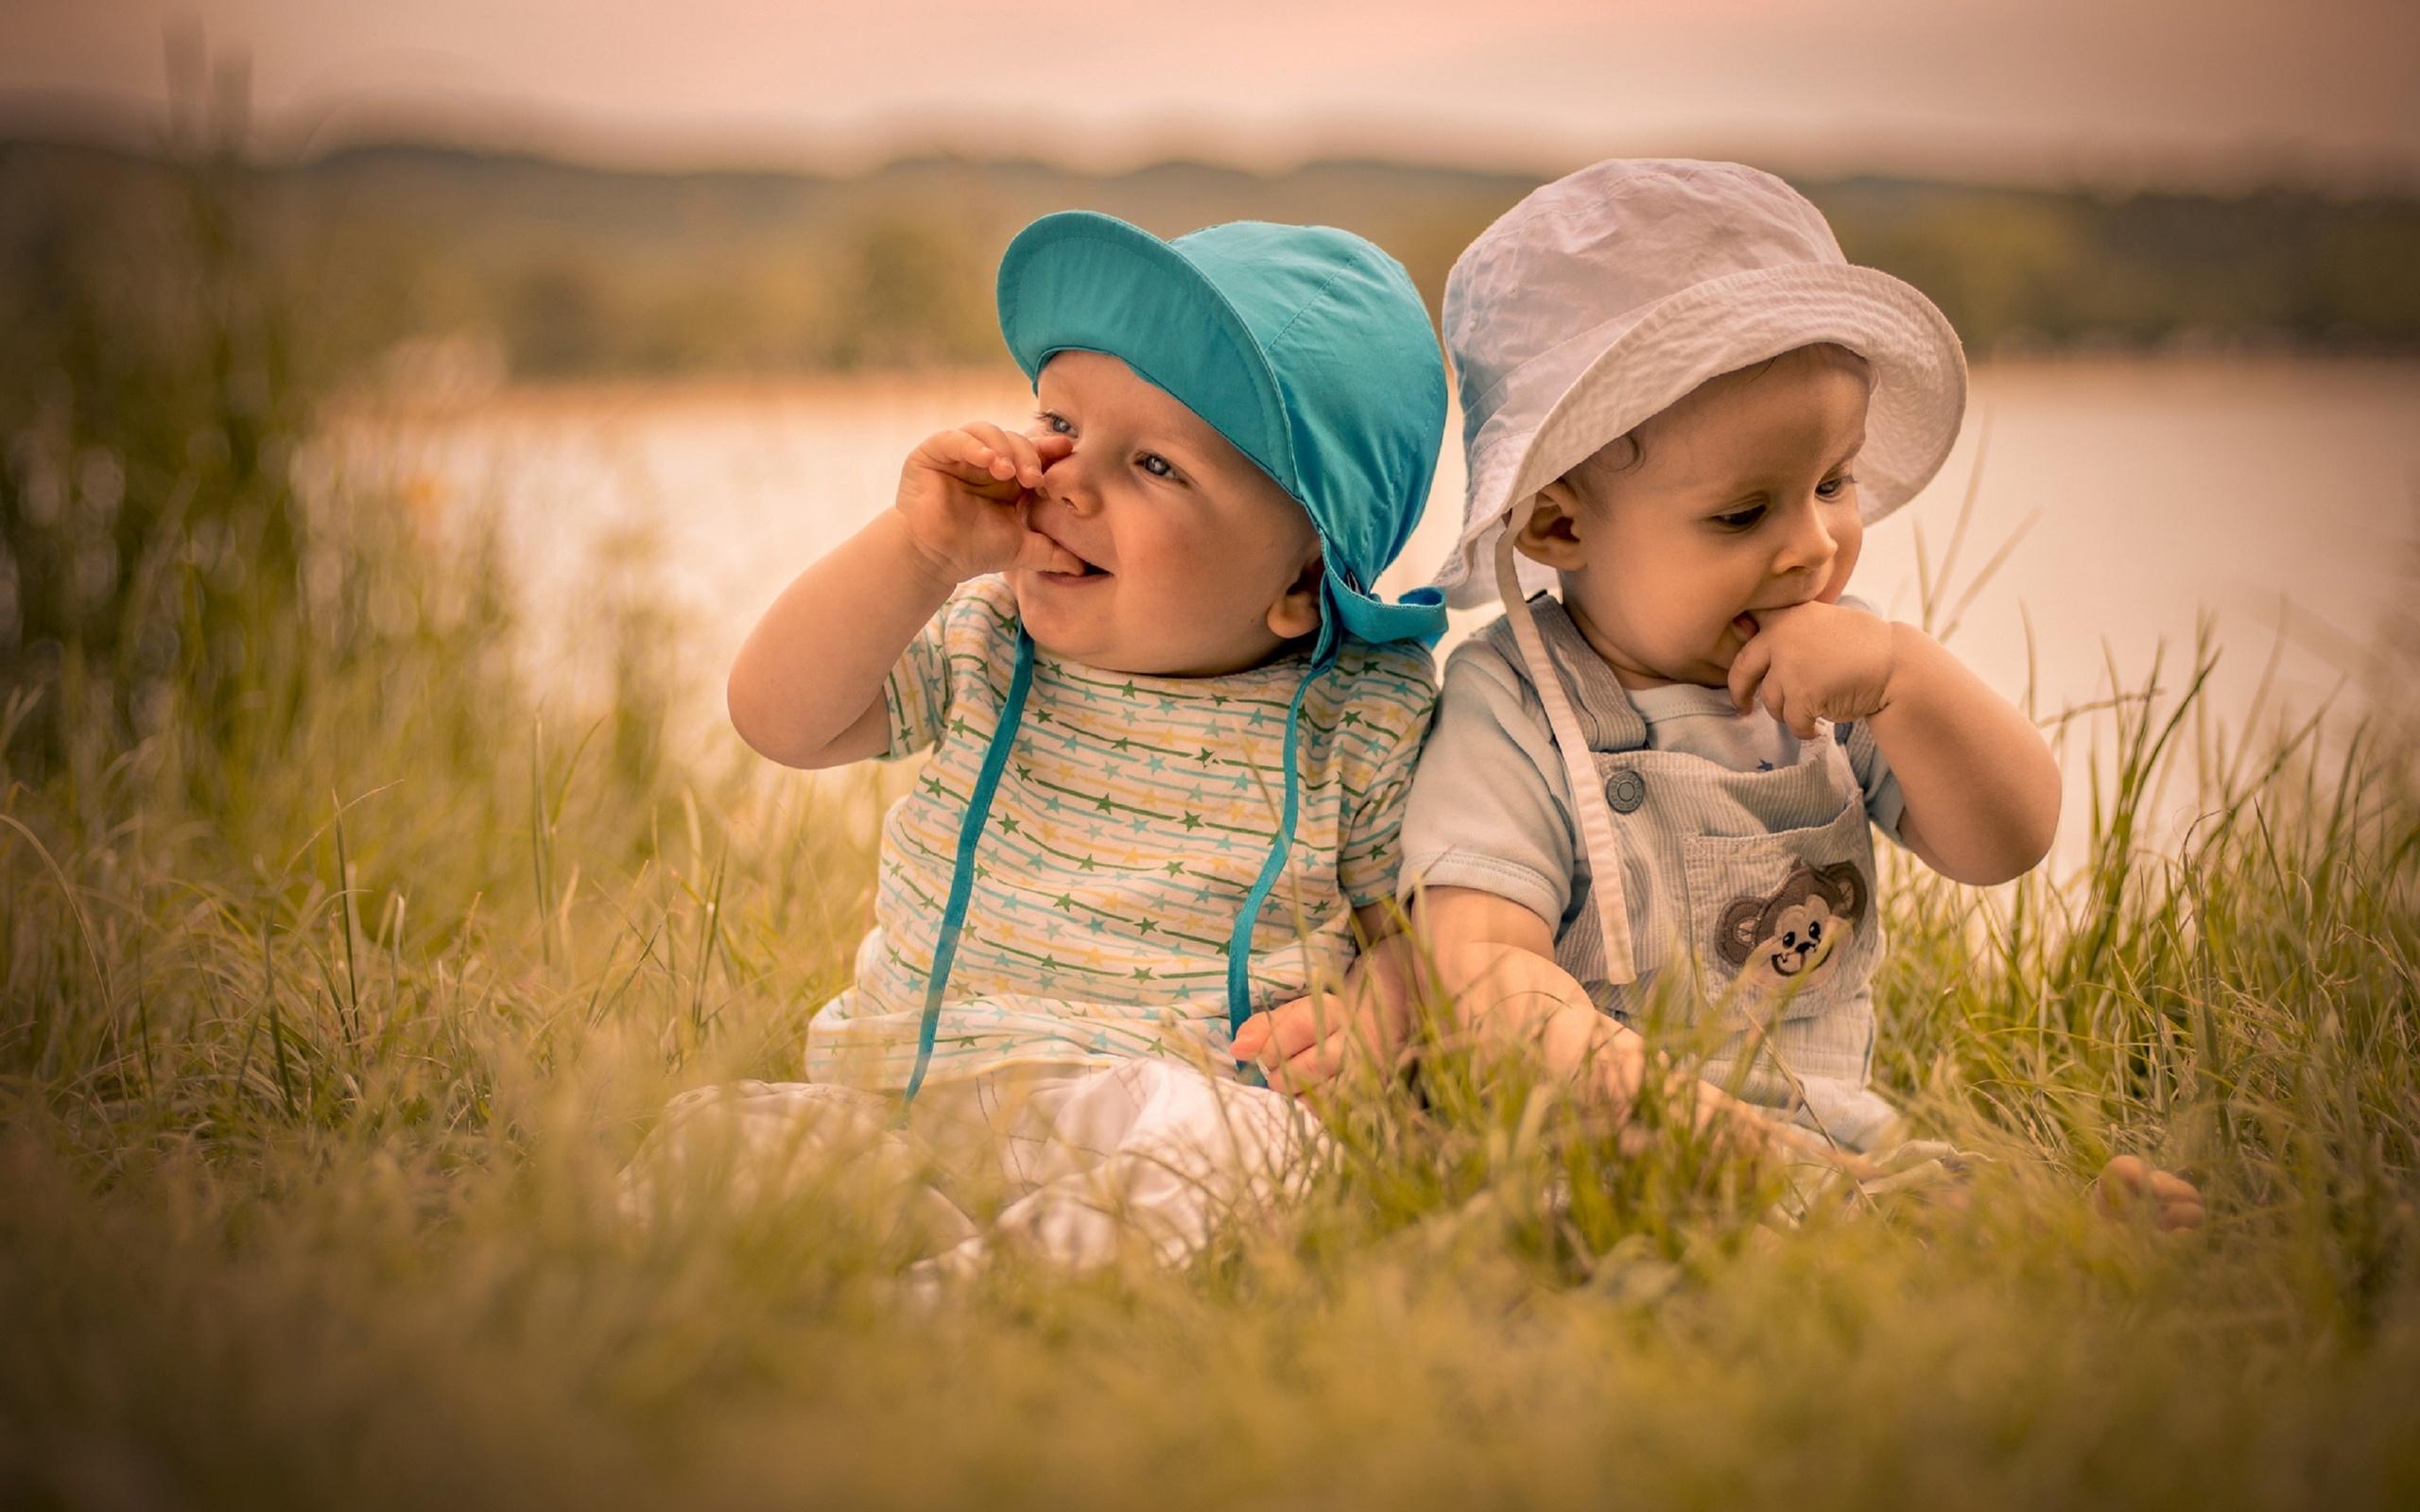 Пожеланием терпения, фотки картинки детей